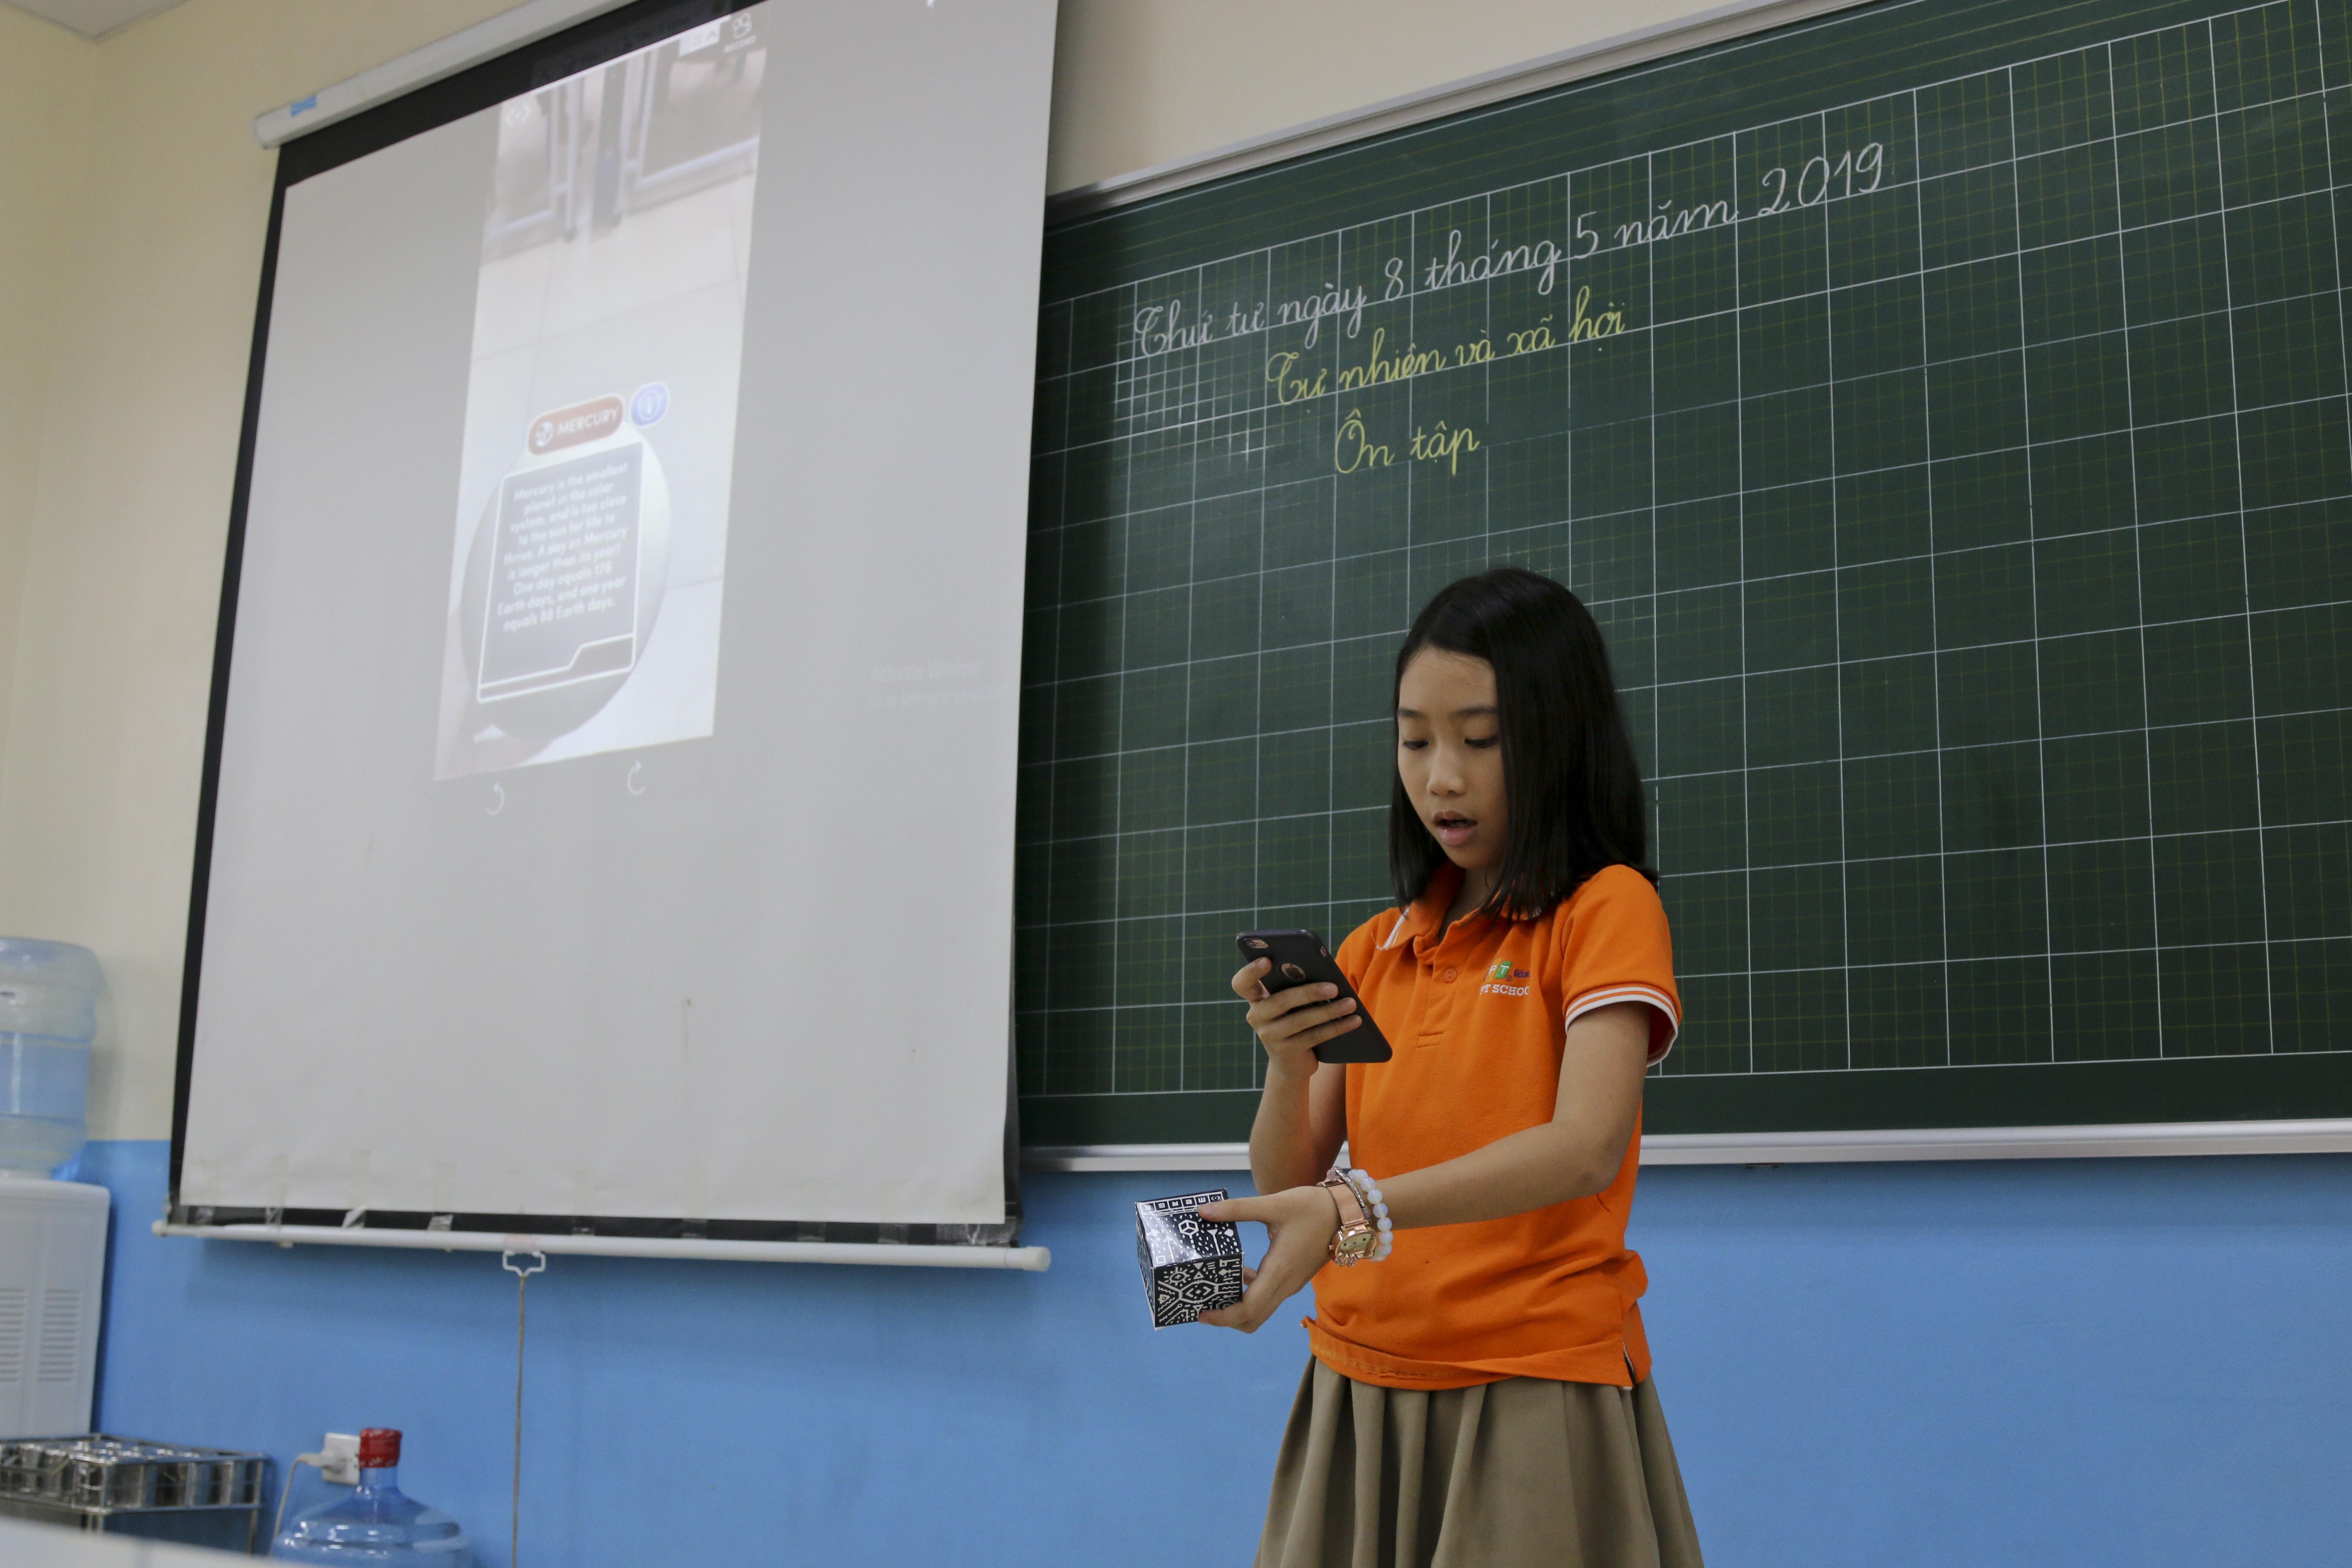 Sau khi cùng tìm hiểu thực tế, từng nhóm cử người đại diện lên trình bày về những hành tinh nhóm đã quan sát được bằng công nghệ thực tế ảo.